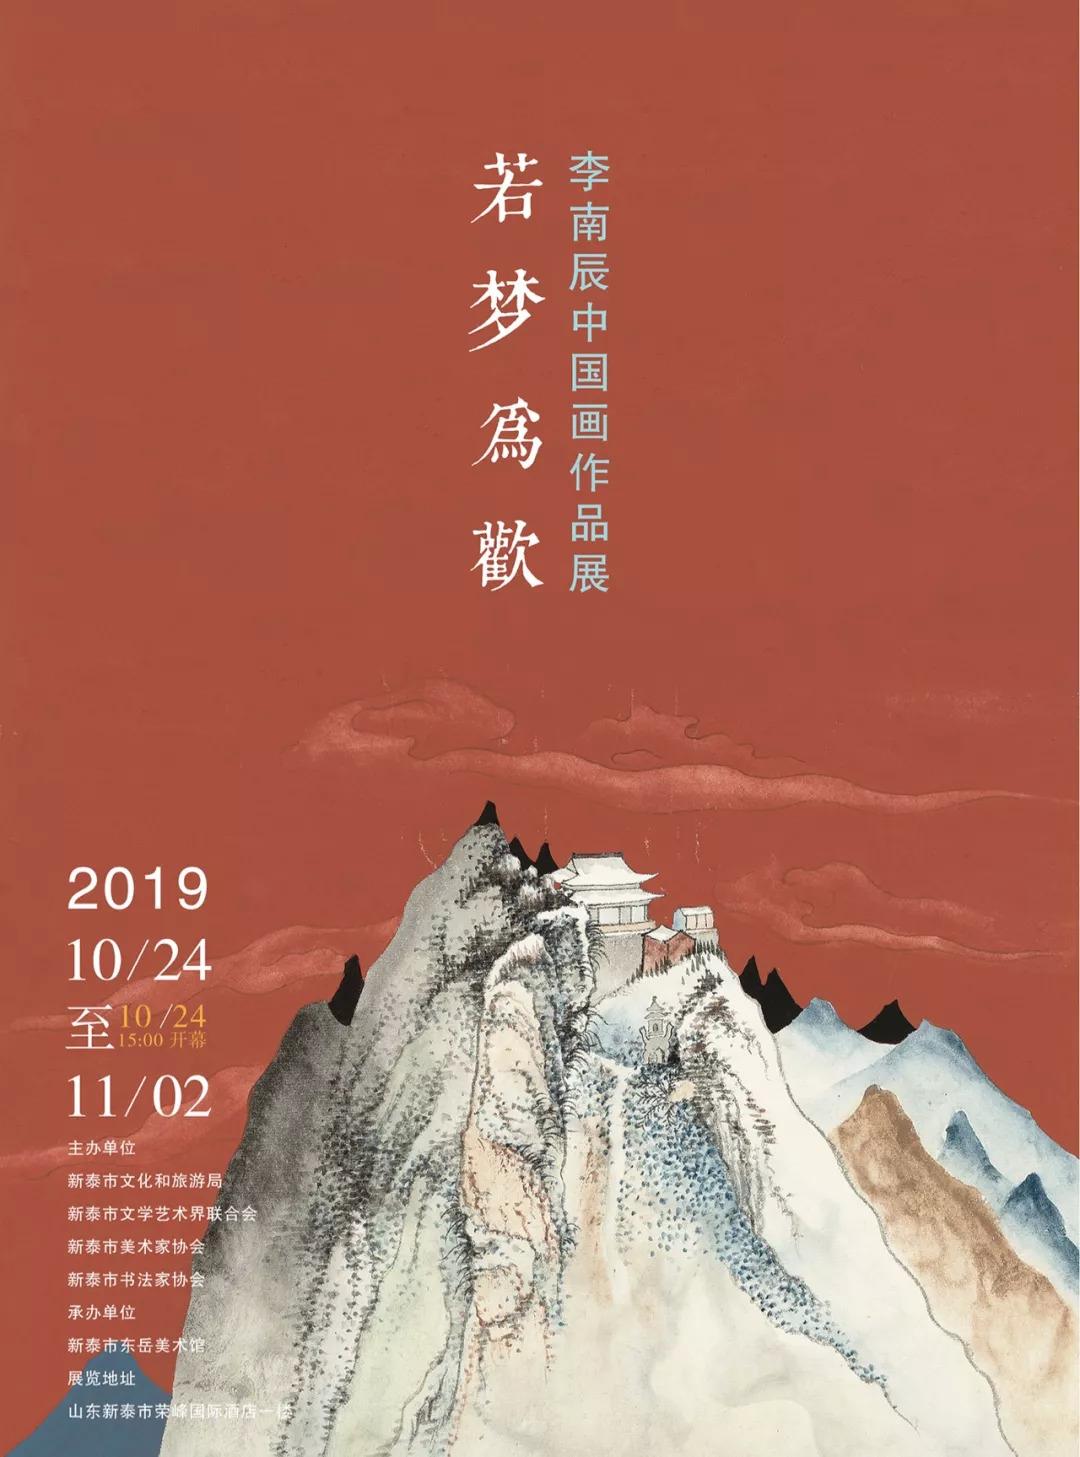 邀请函丨若梦为欢——李南辰中国画作品展